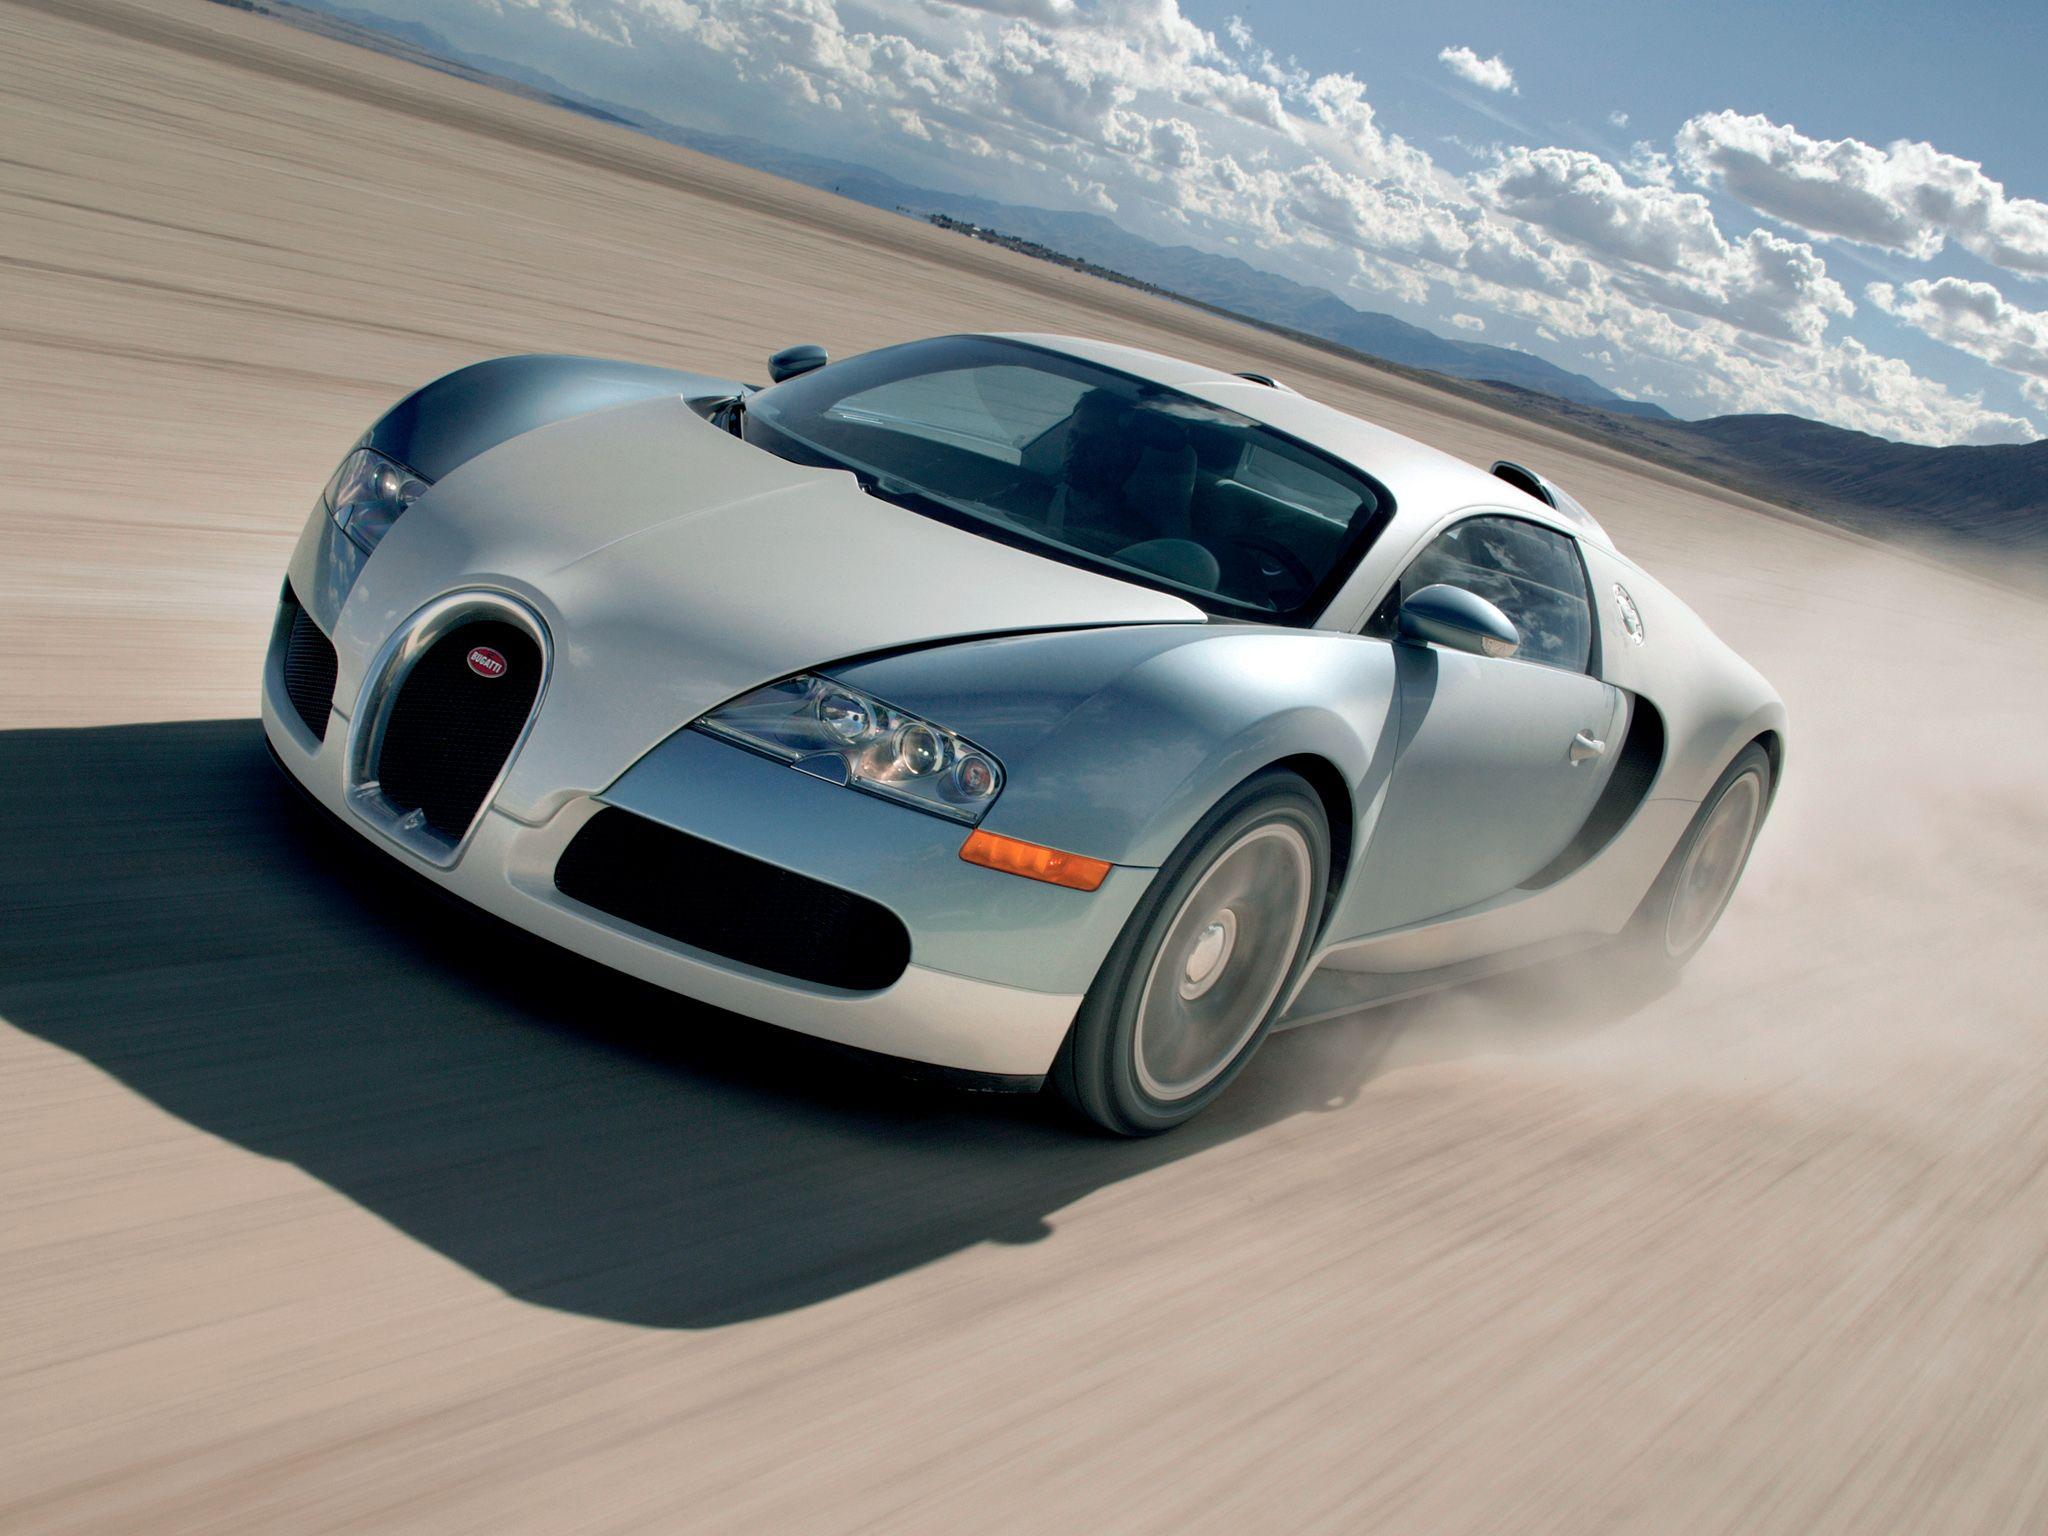 Коллекция самых быстрых автомобилей Криштиану Роналду (Фото) - изображение 1